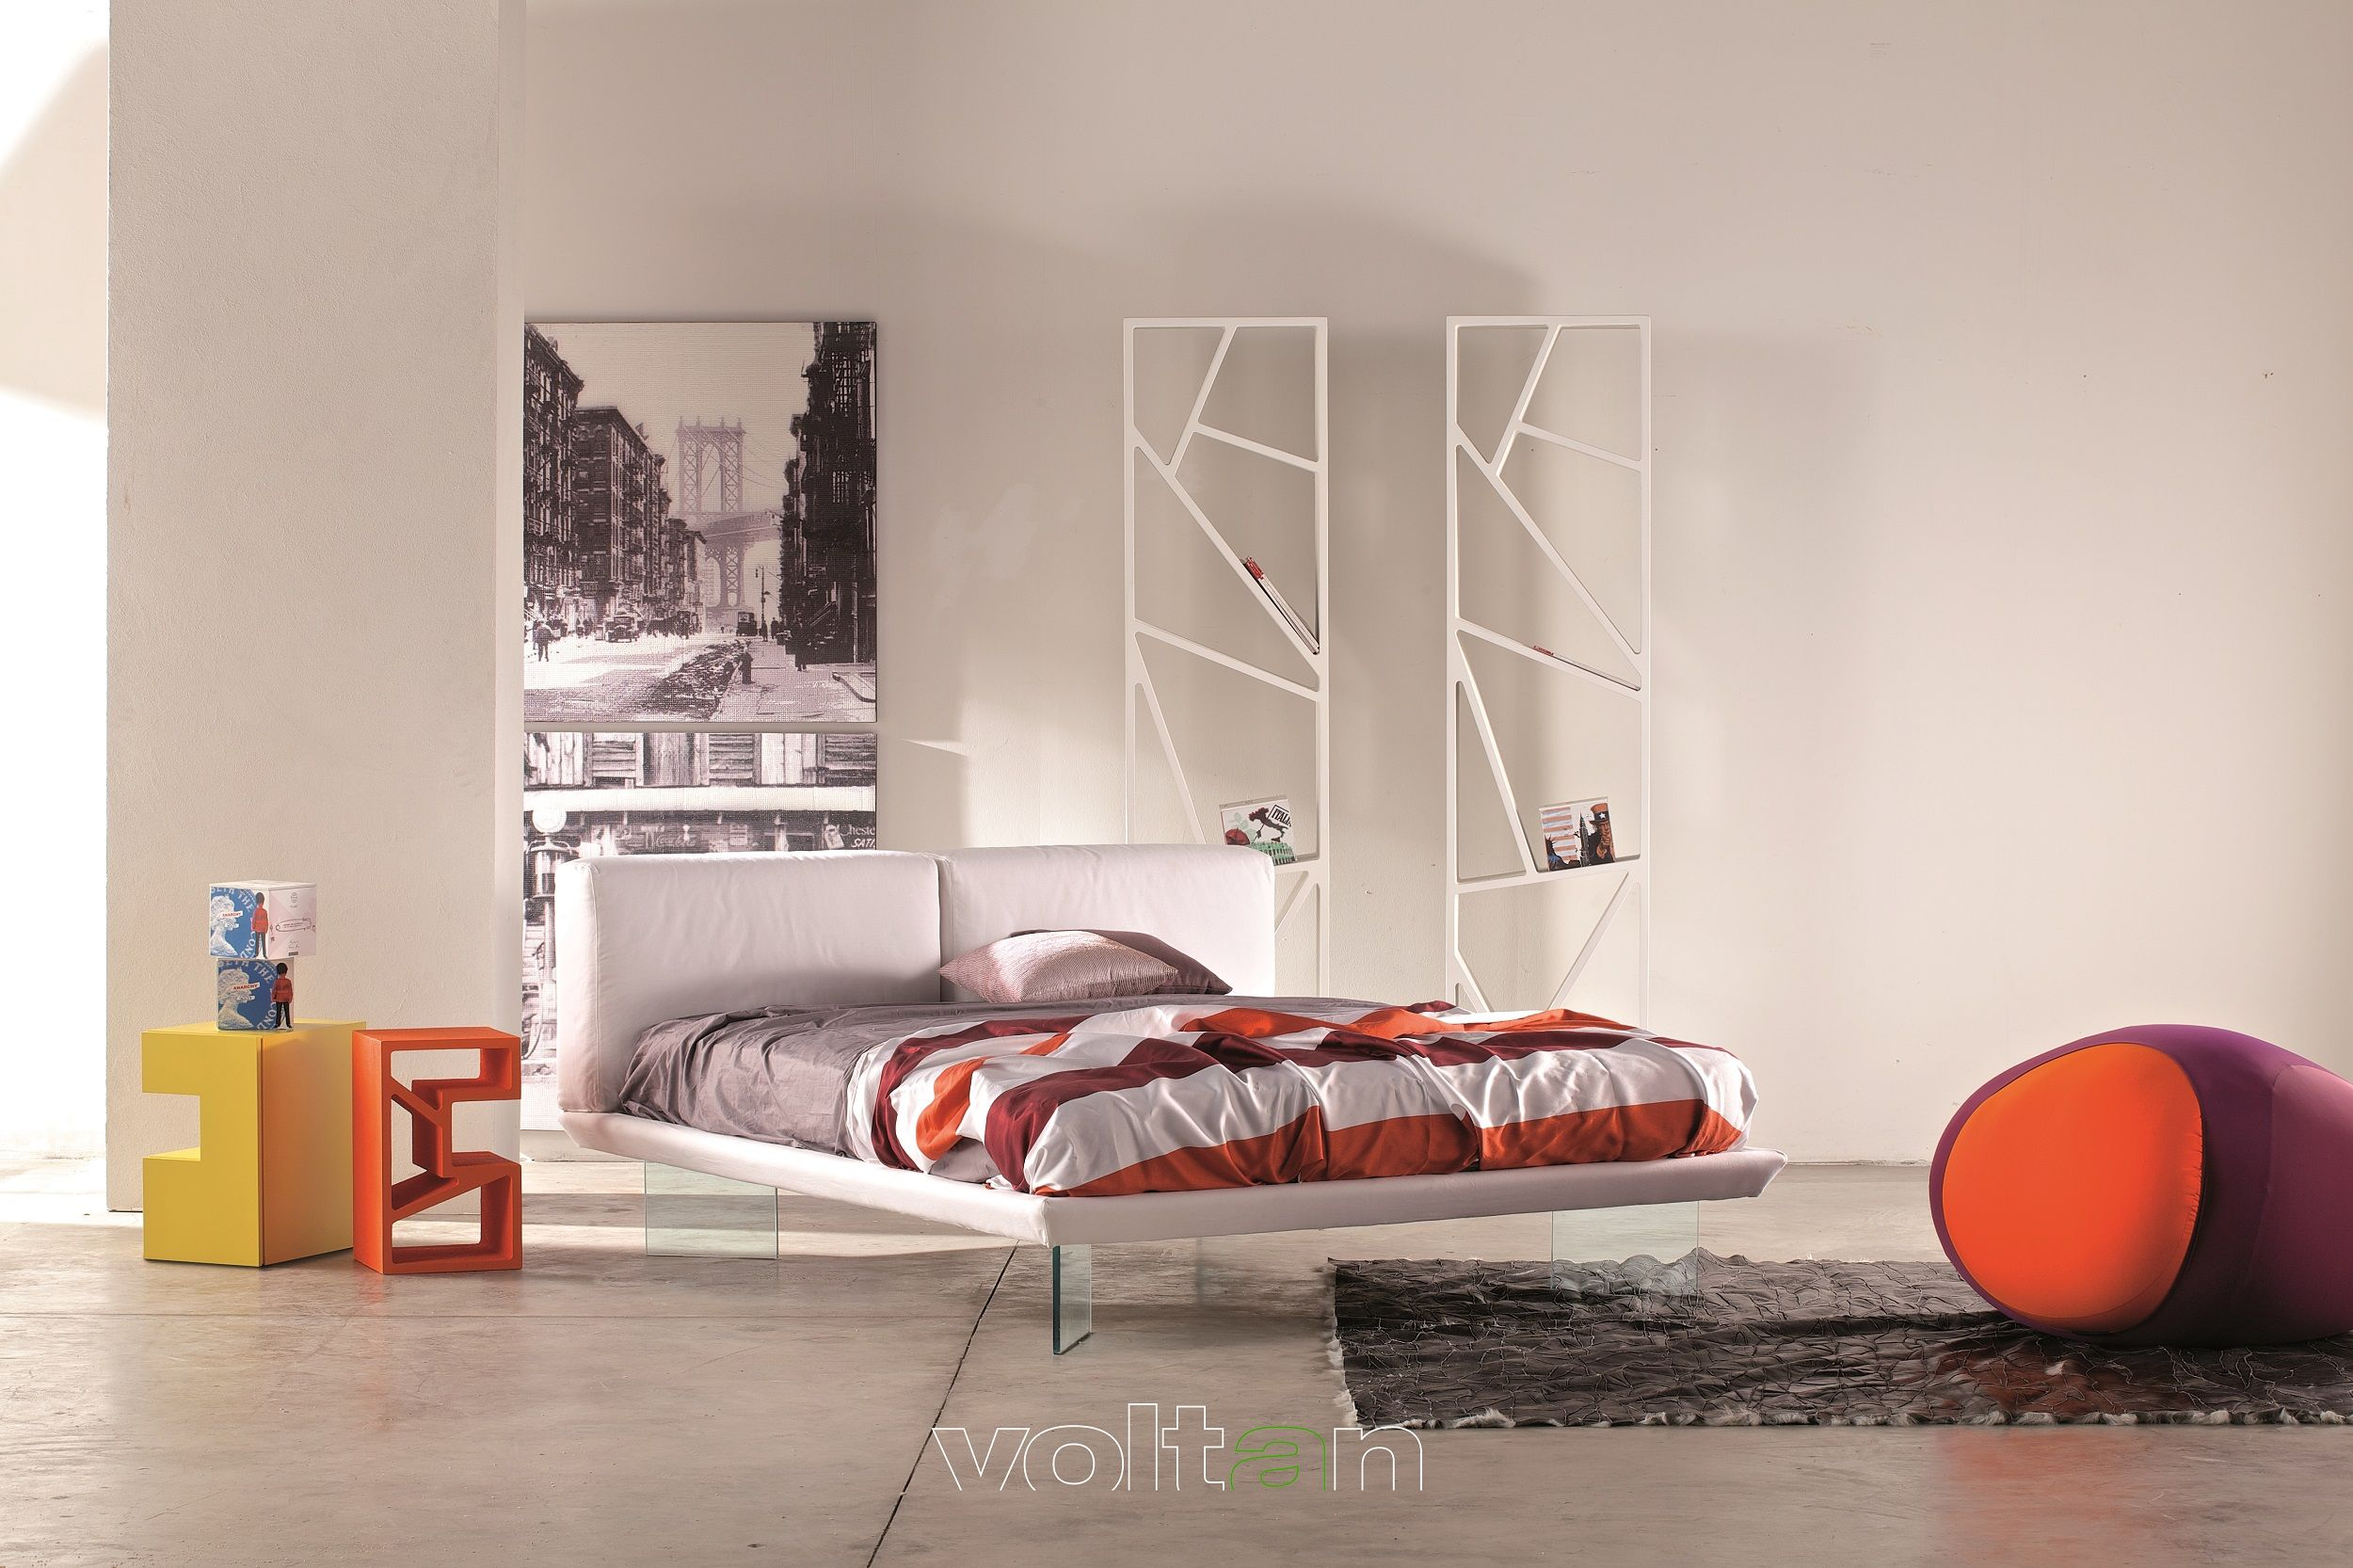 Letto Matrimoniale Di Design In Ecopelle.Camera Da Letto Colorata Di Design Letto Opla Imbottito In